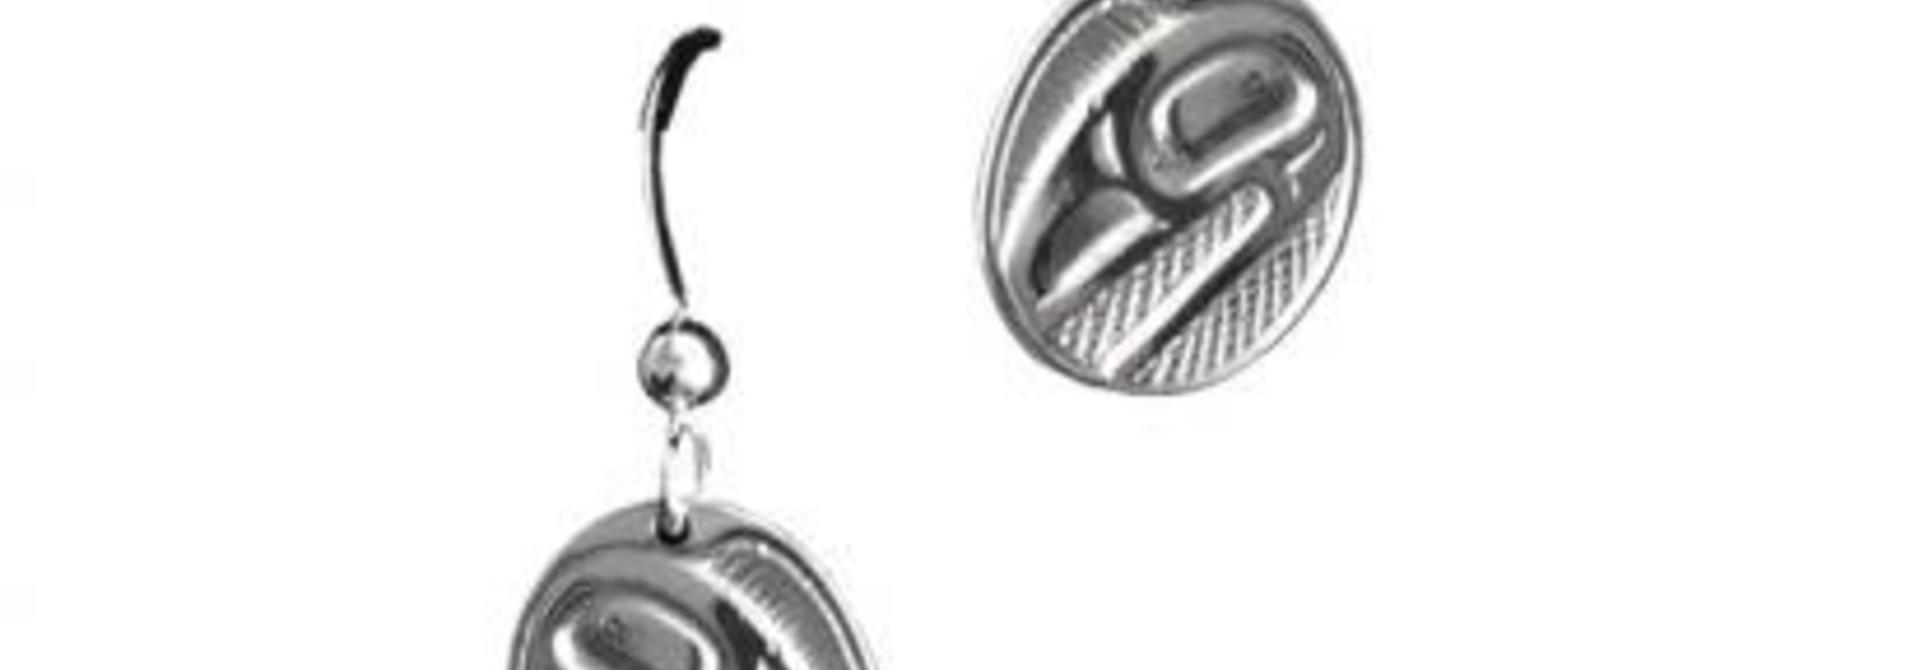 Raven Sunlight Oval silver pewter earrings-Bill Helin